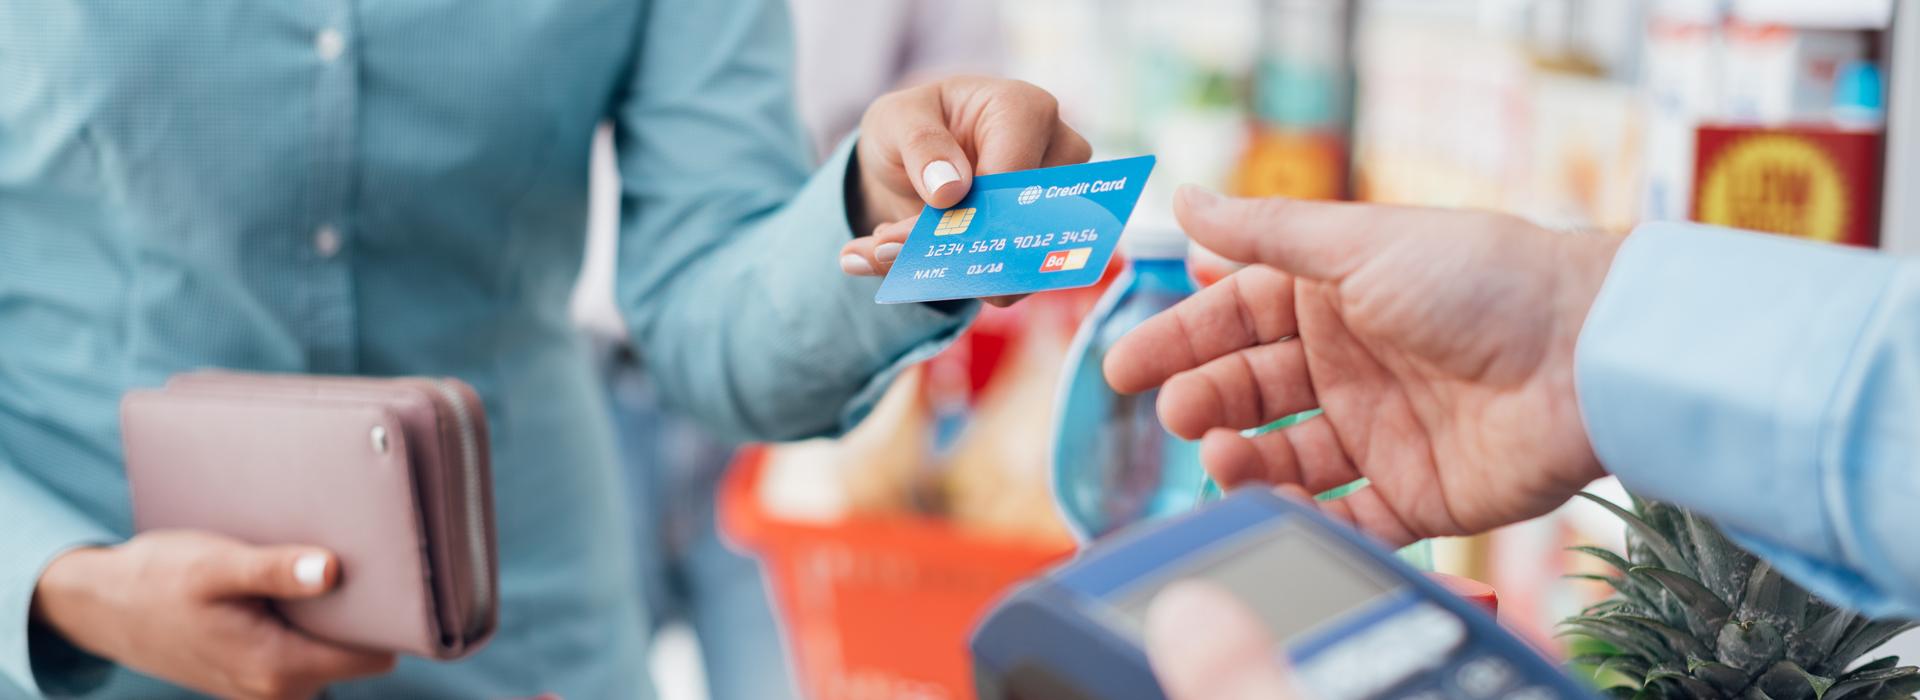 刷卡刷到停不下來?趕快用這招!